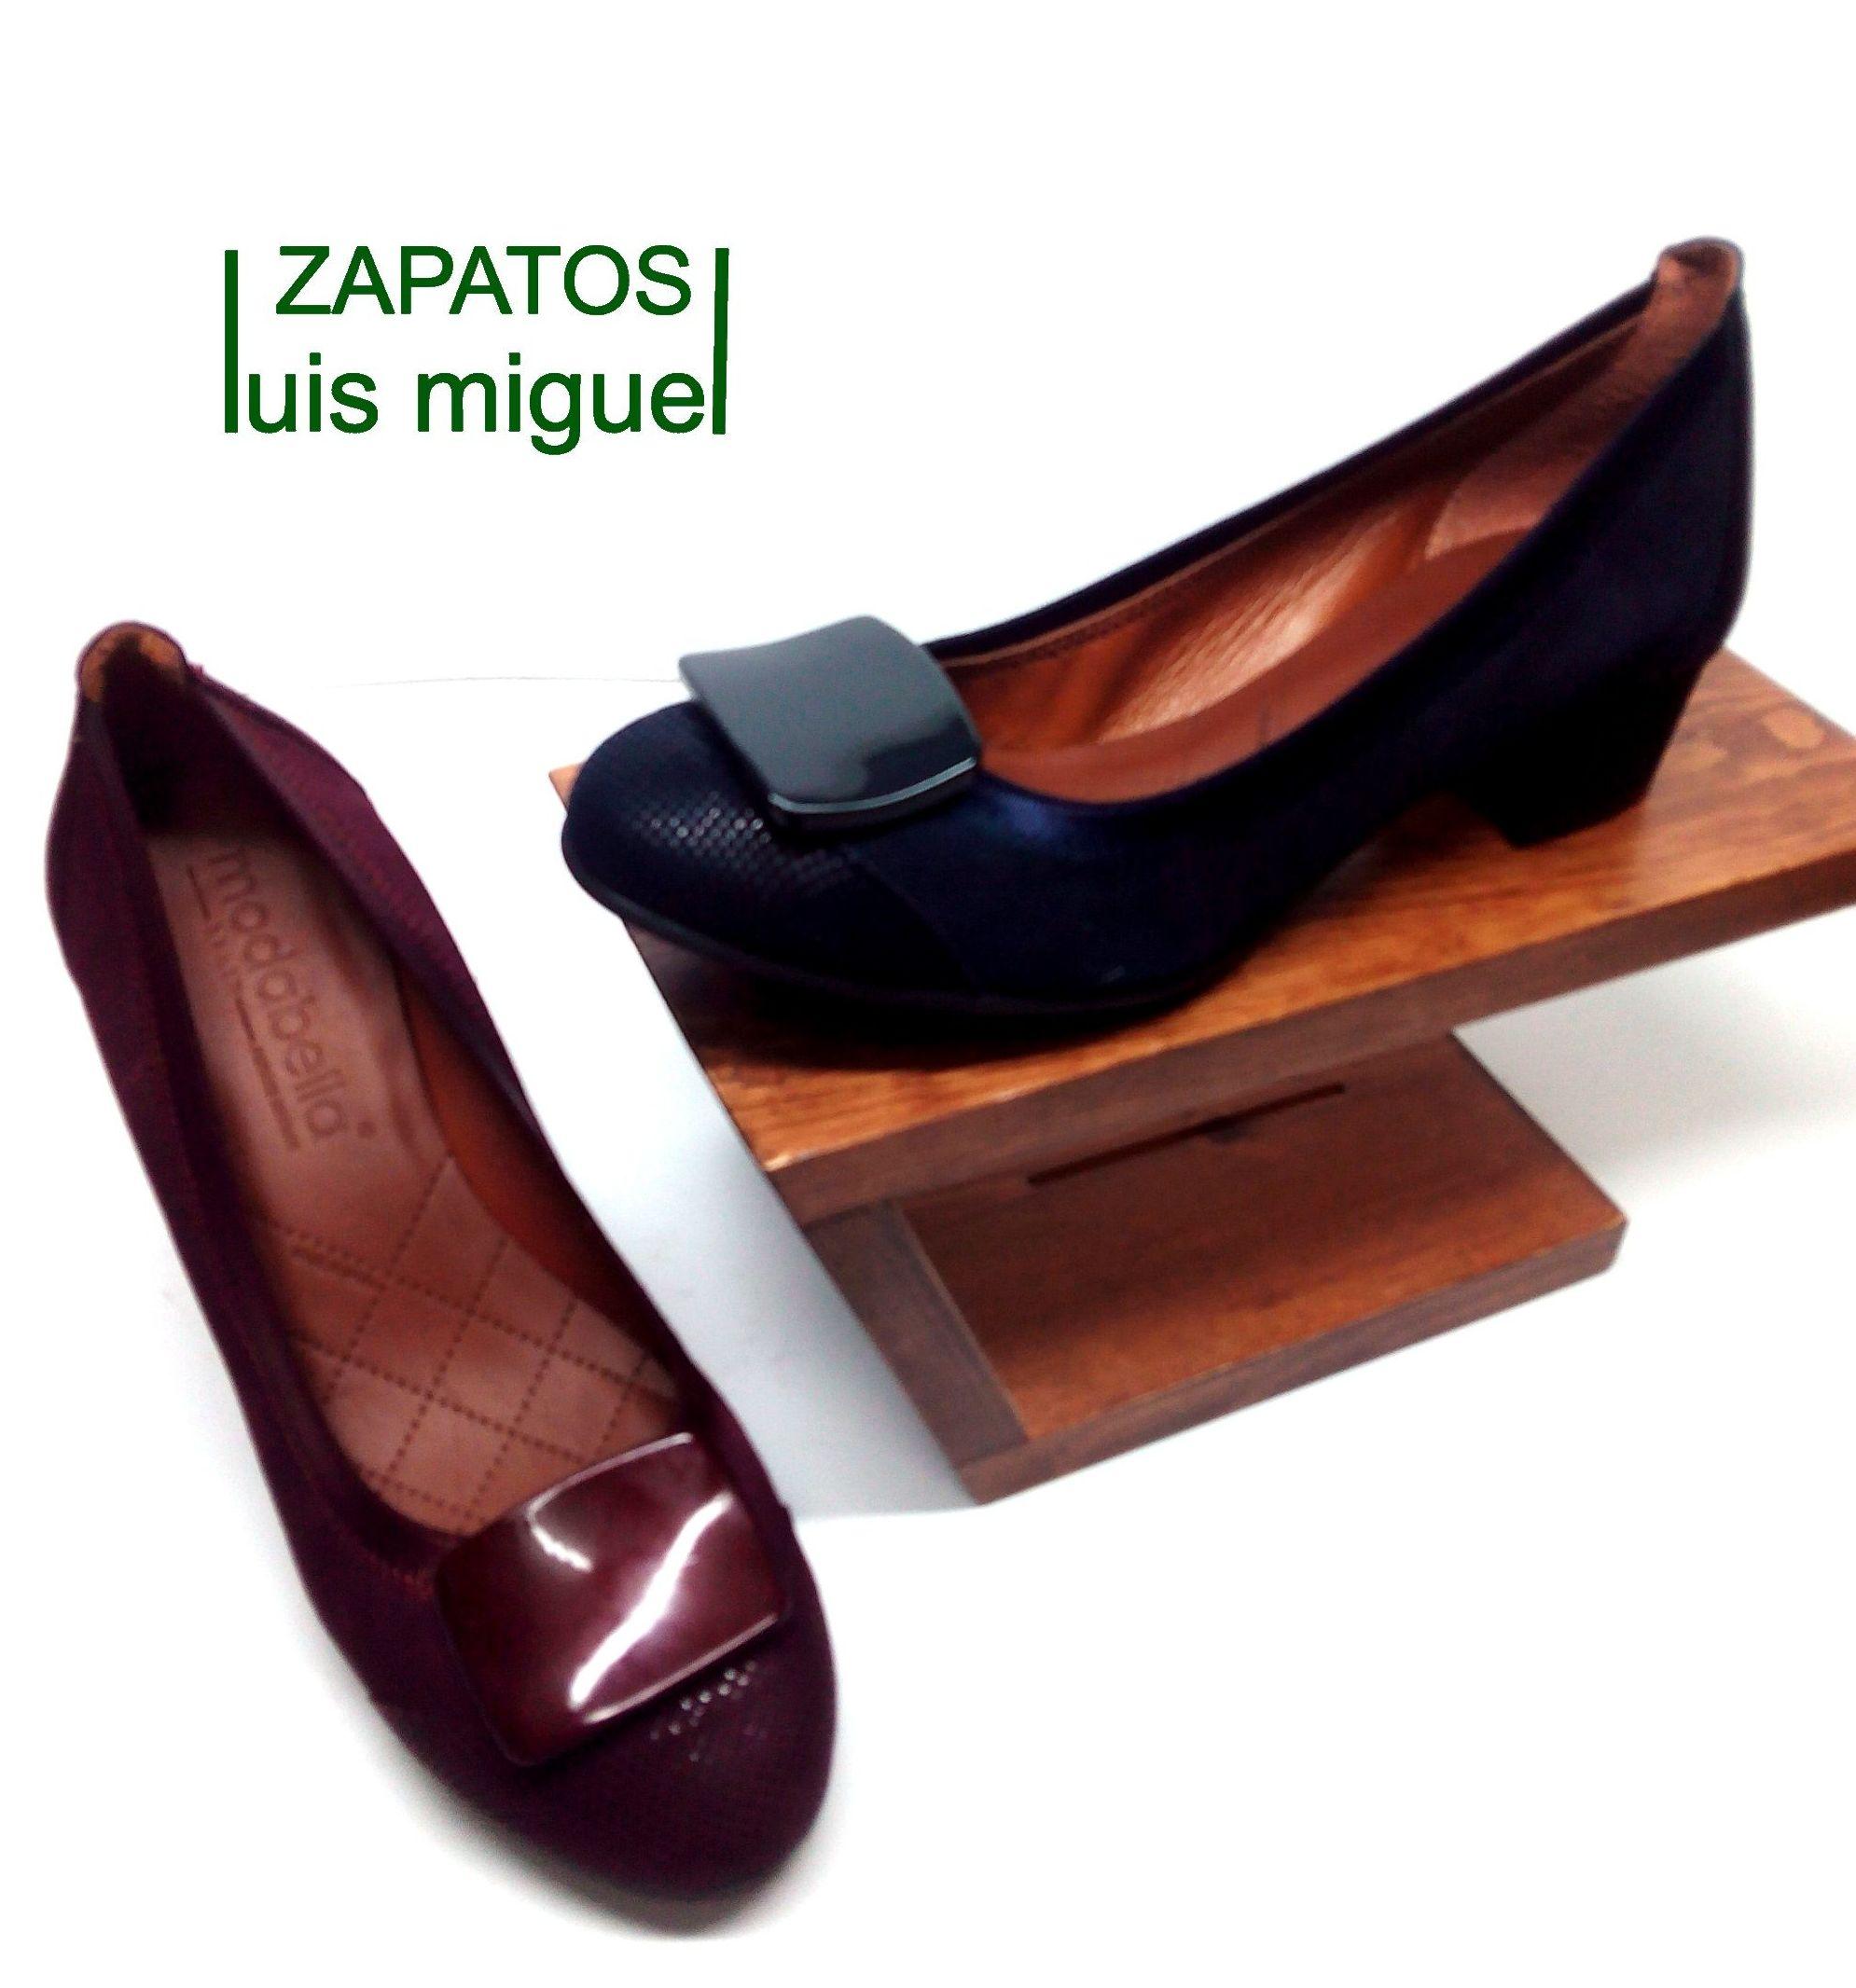 salon con adorno: Catalogo de productos de Zapatos Luis Miguel